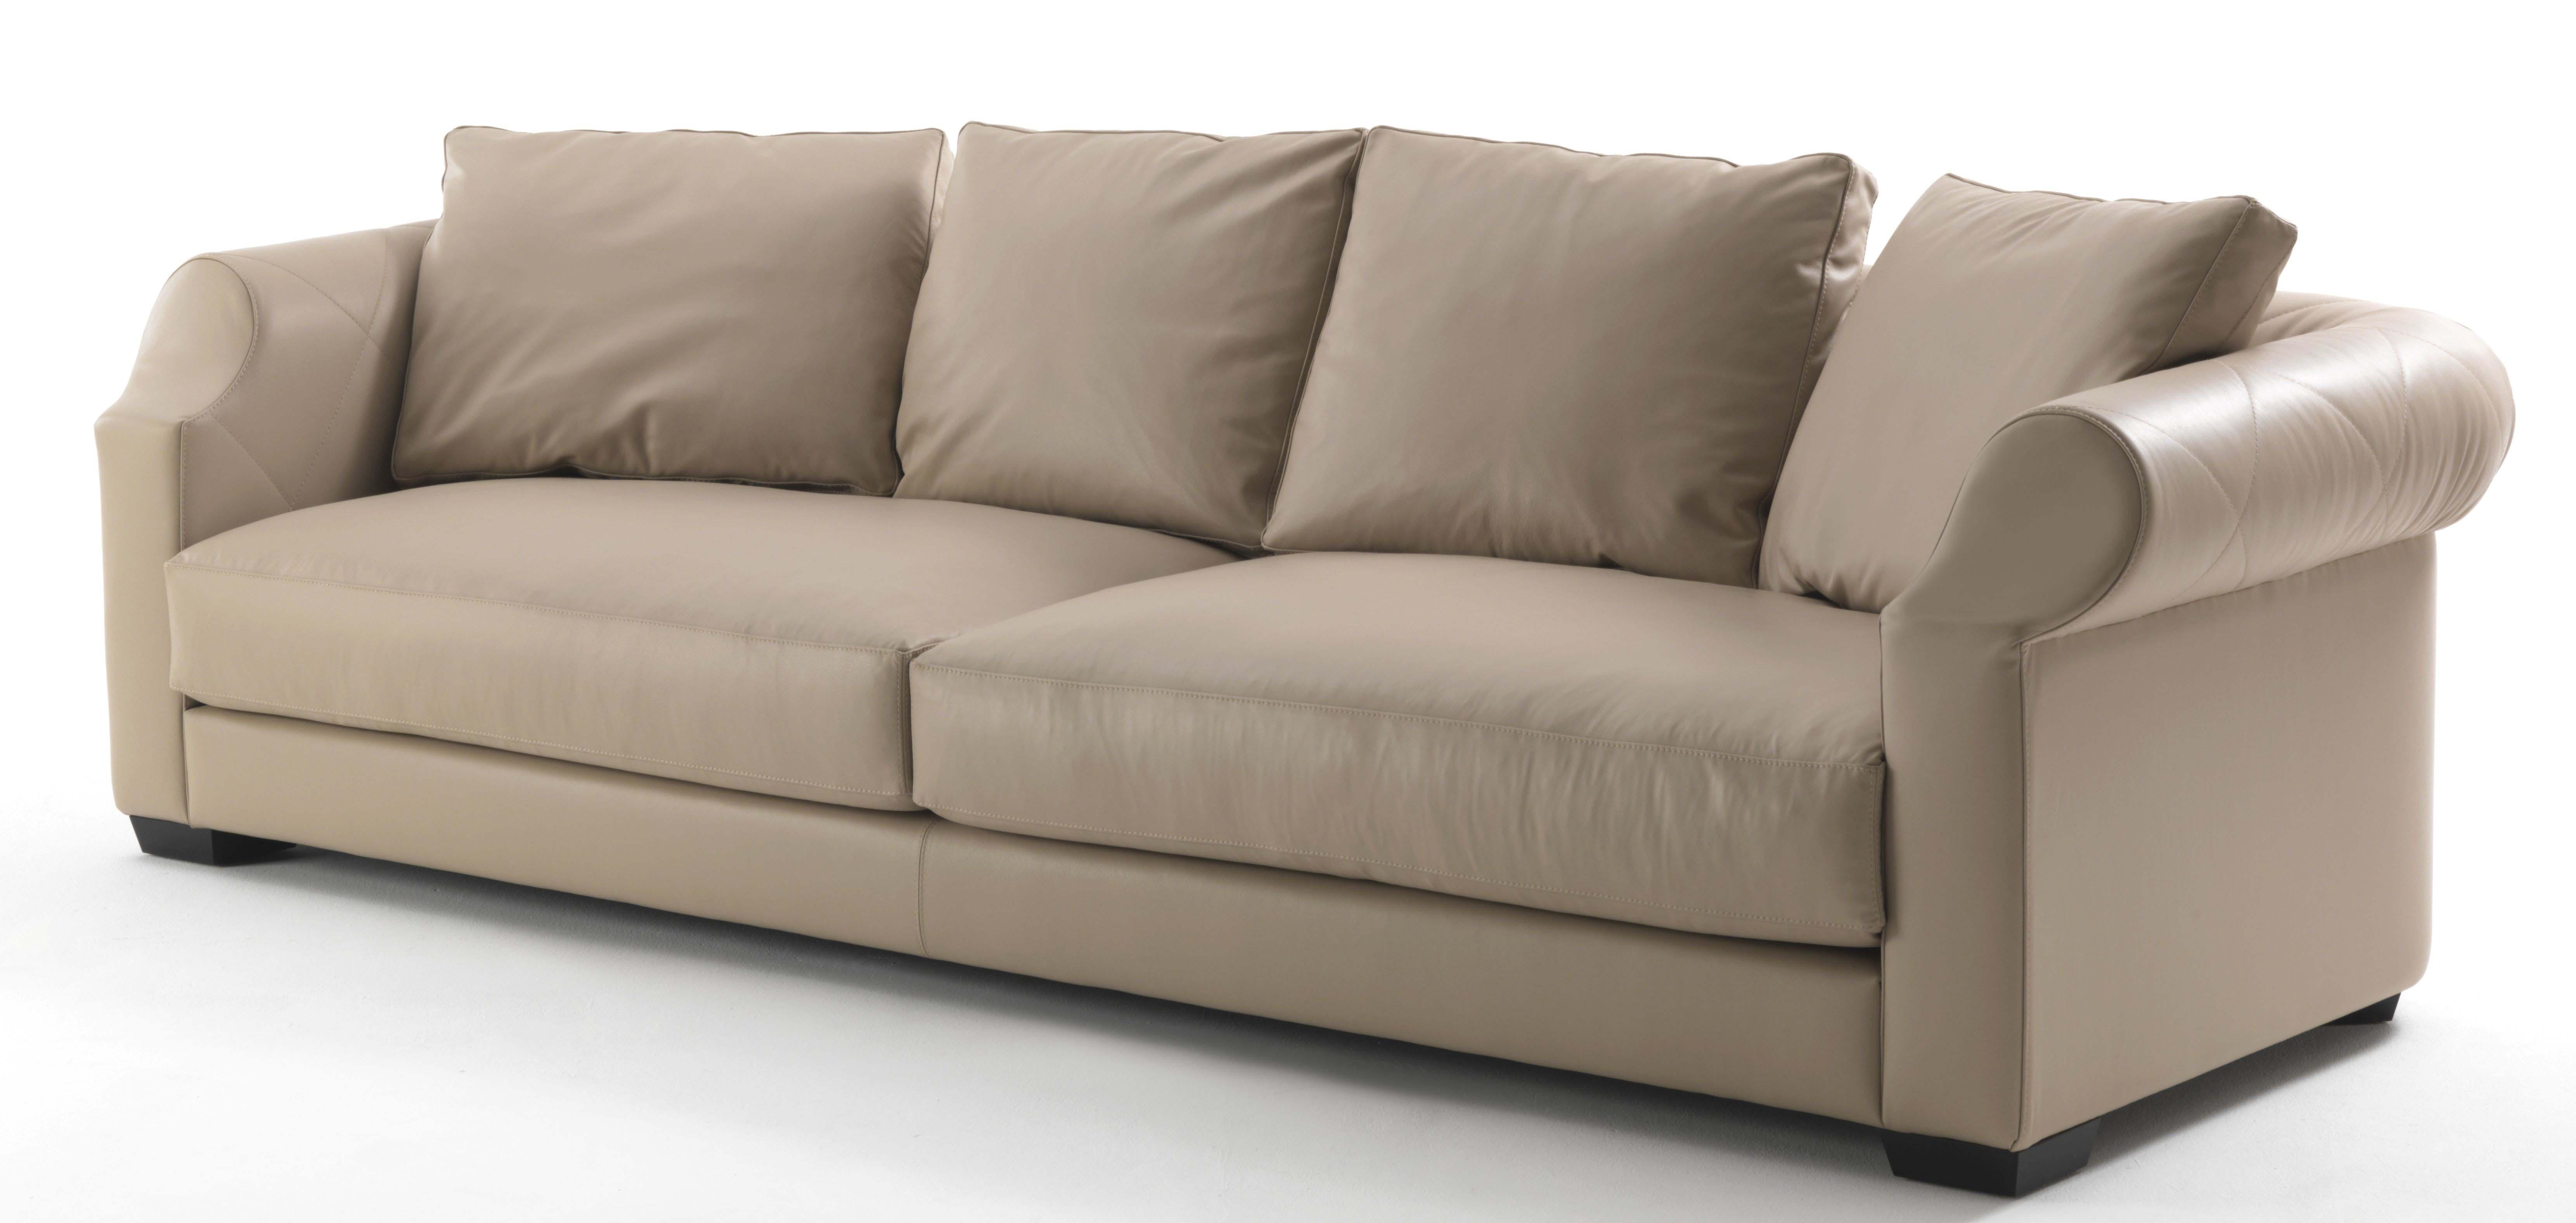 ספה מעוצבת דגם פאנטזי